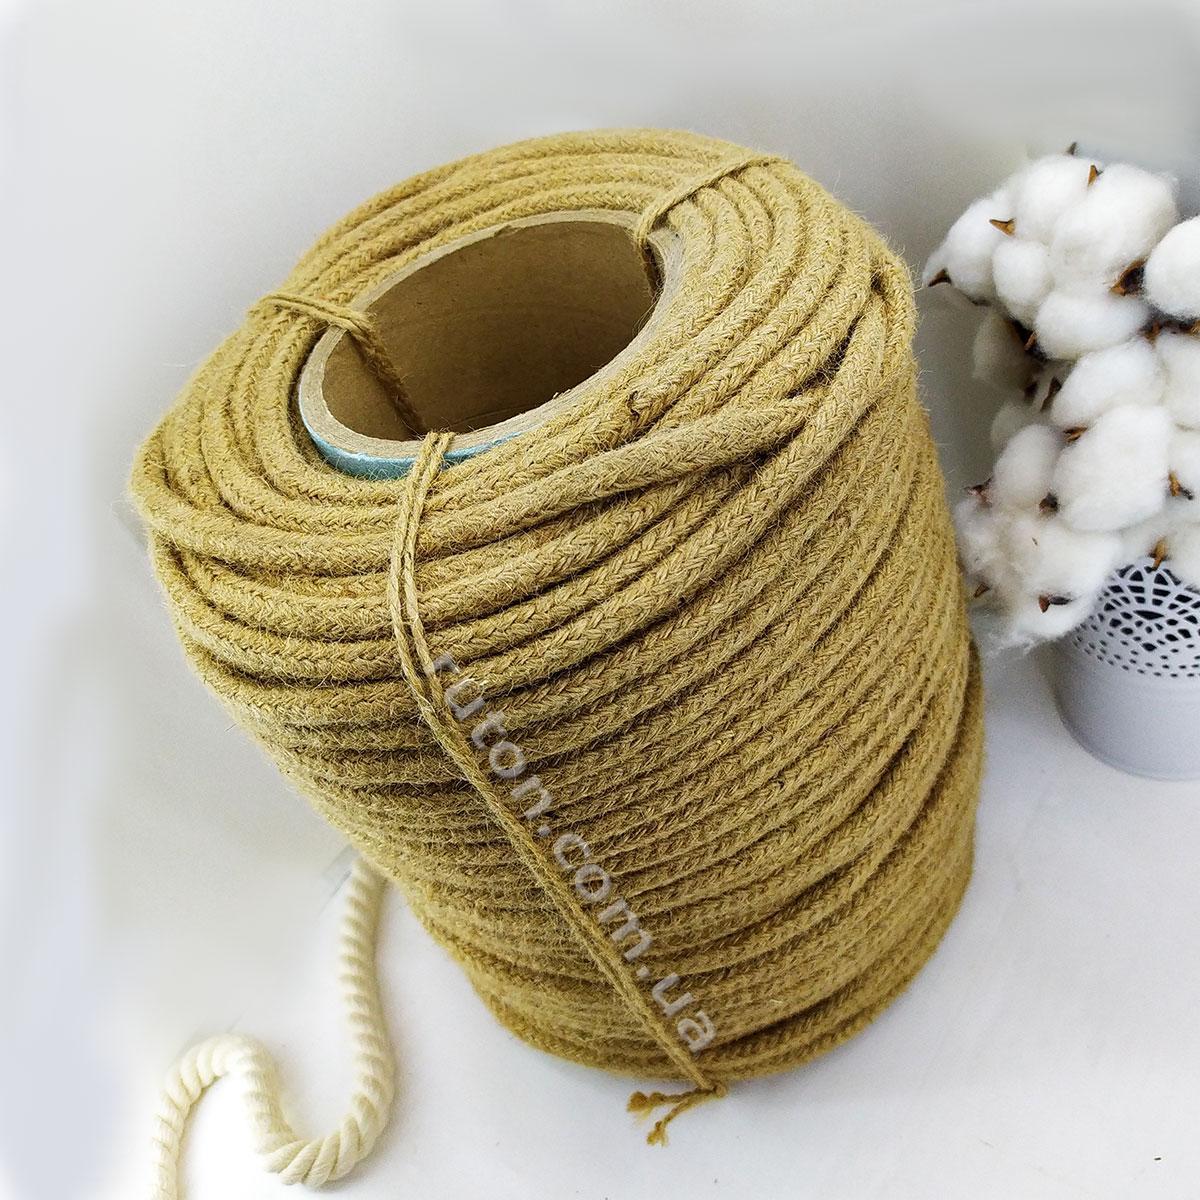 Джутовая плетеная веревка для интерьера и рукоделия 12 мм 100 м